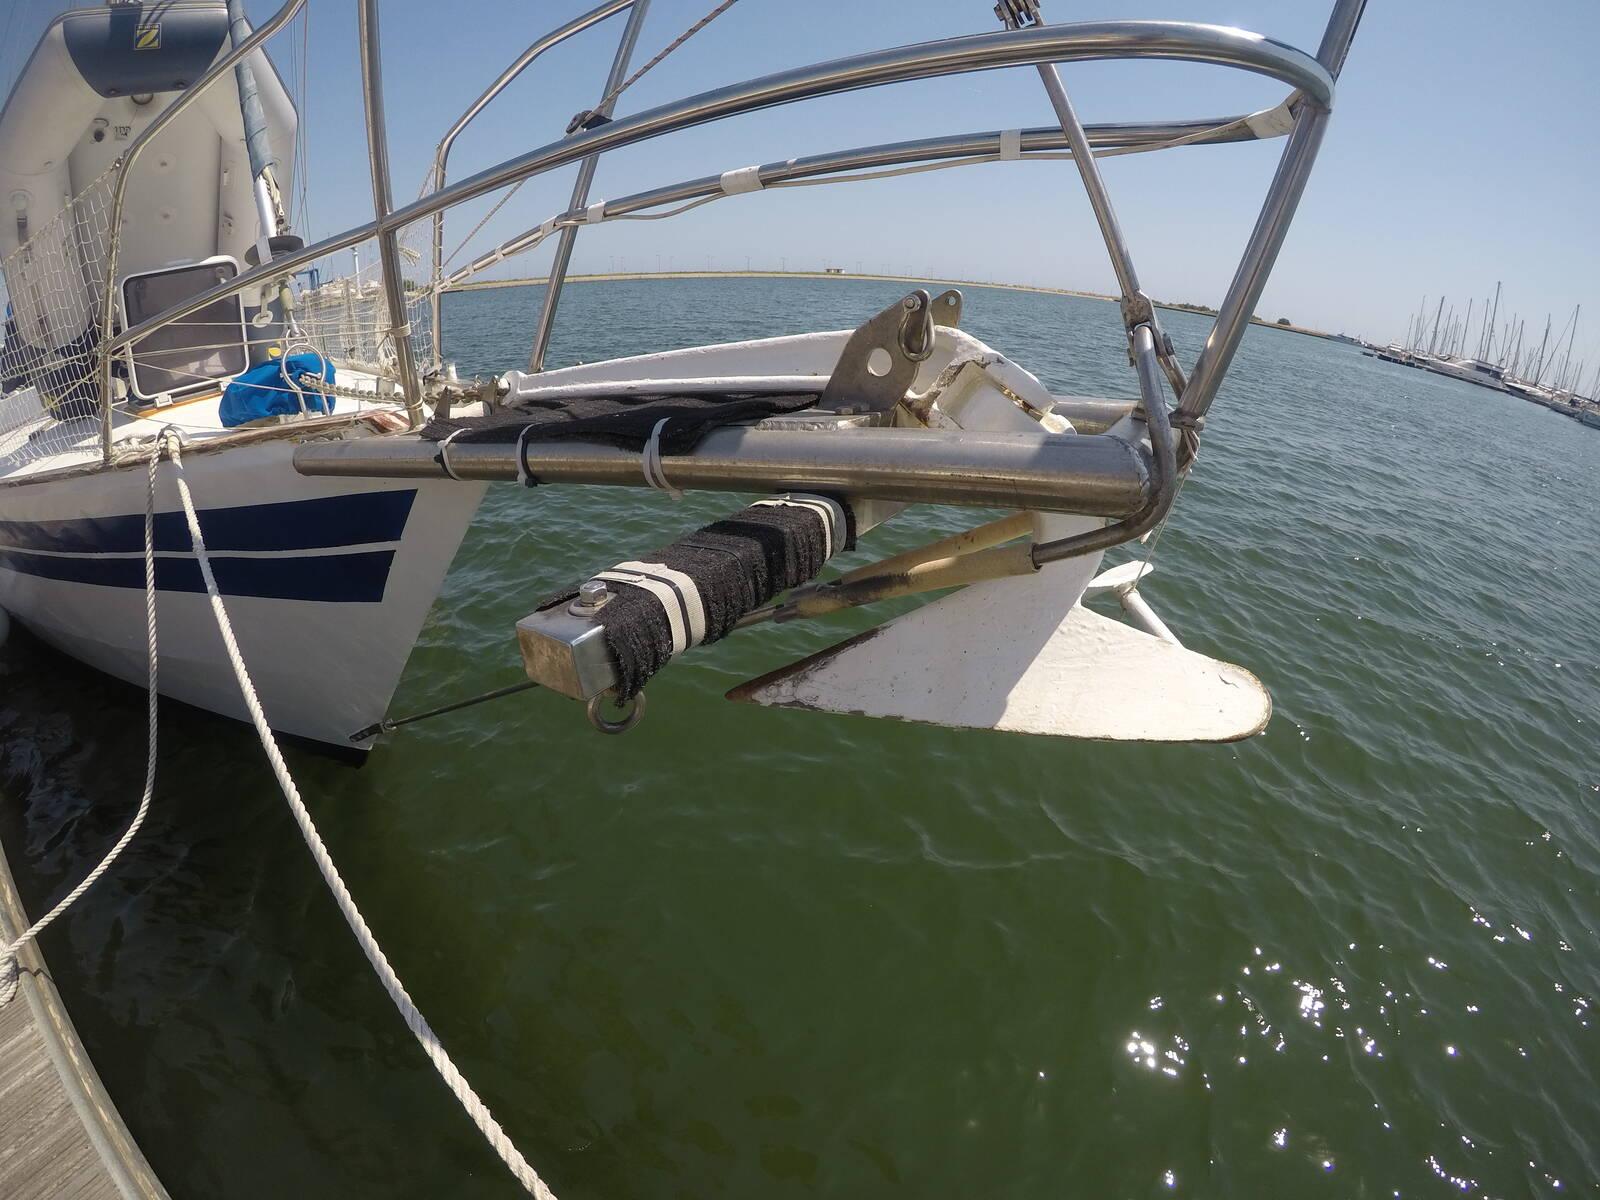 Van de Stadt Sailboat Steel anchor